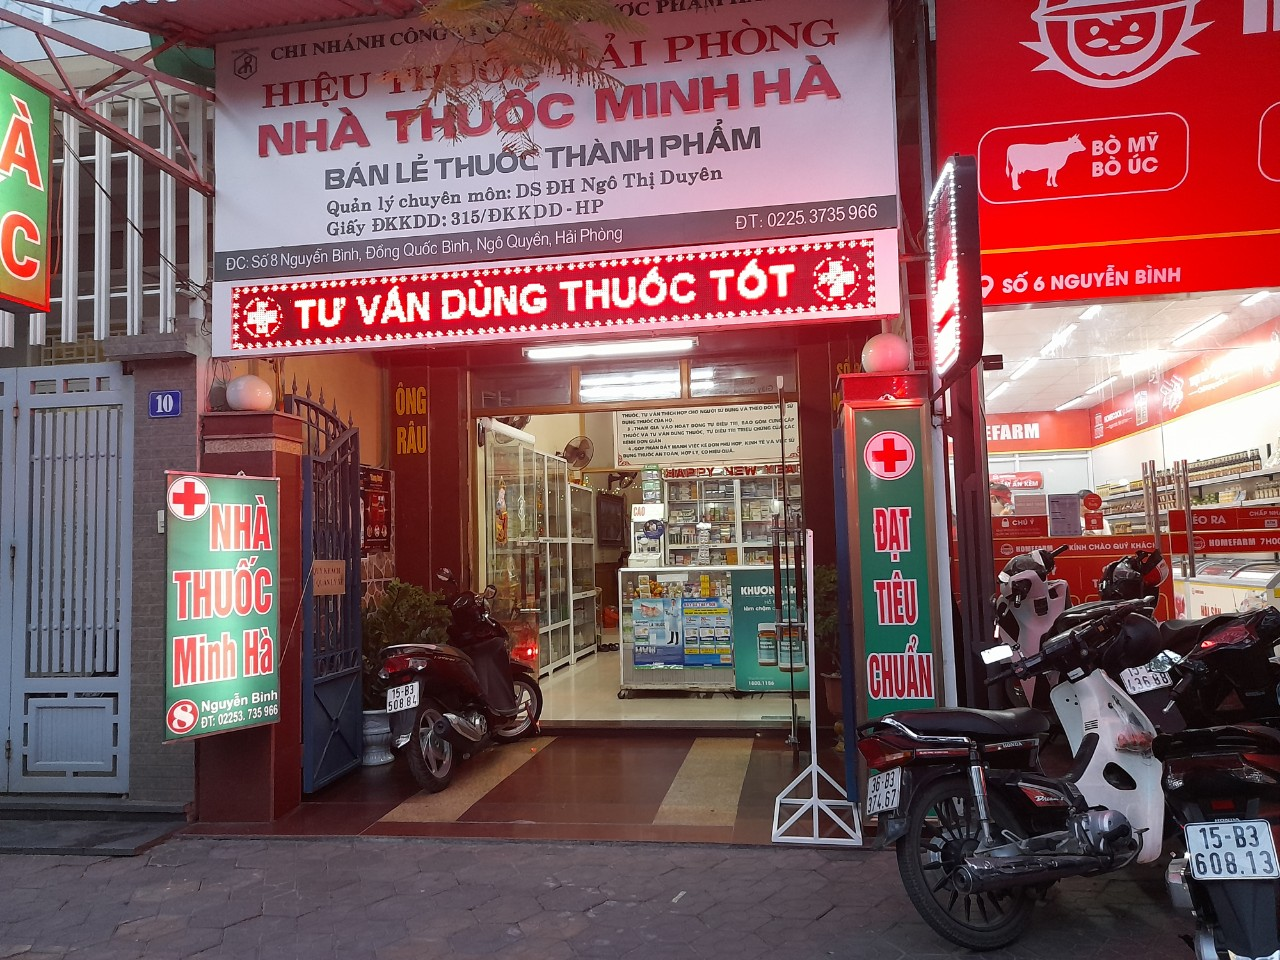 NT Minh Hà